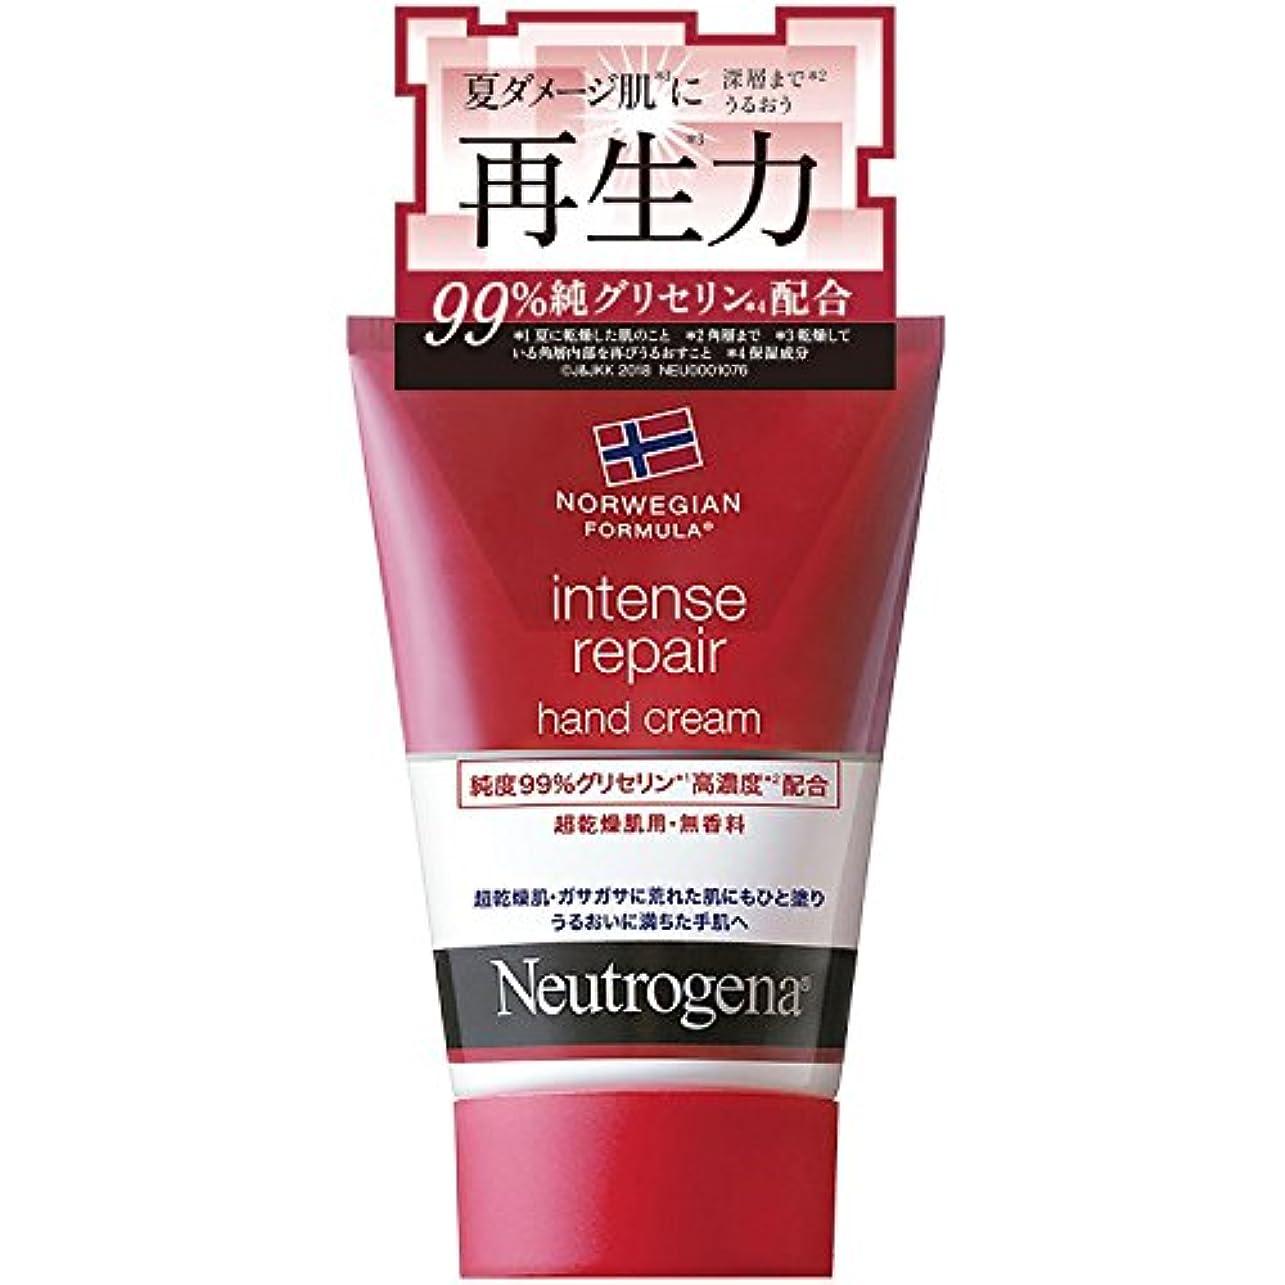 同一性レポートを書く法律によりNeutrogena(ニュートロジーナ) ノルウェーフォーミュラ インテンスリペア ハンドクリーム 超乾燥肌用 無香料 単品 50g